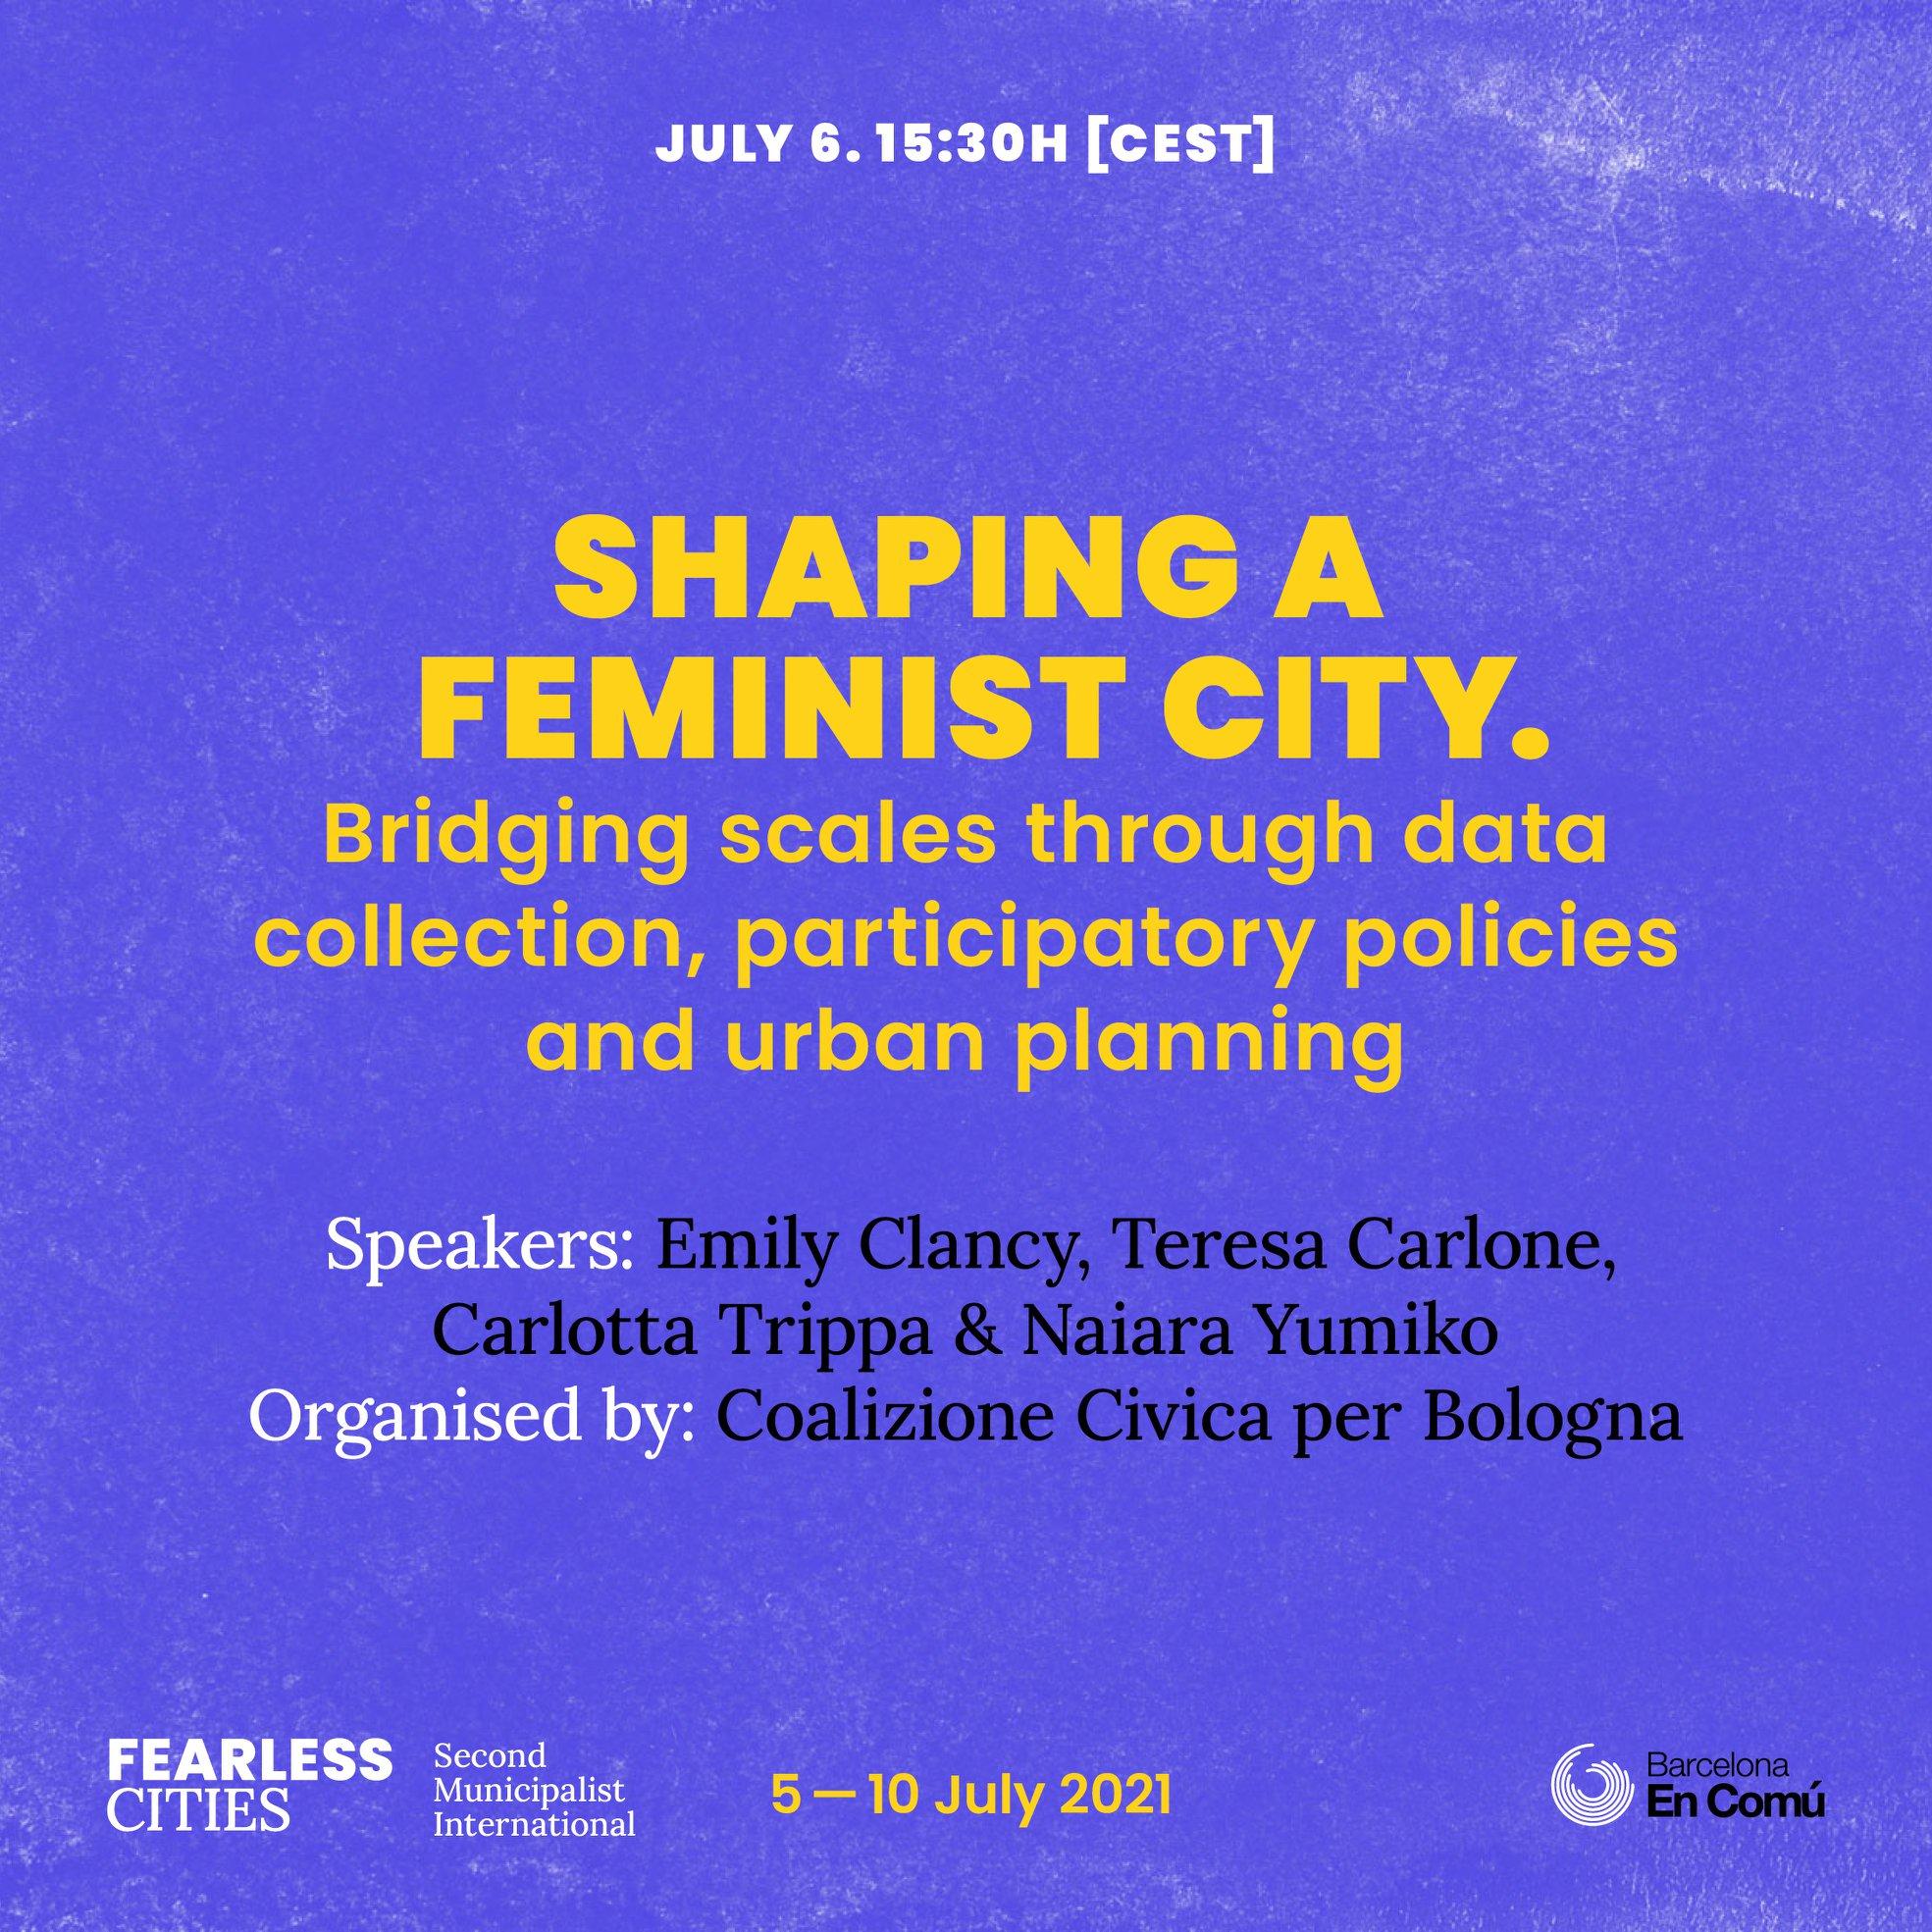 6 Luglio: progettare una città femminista